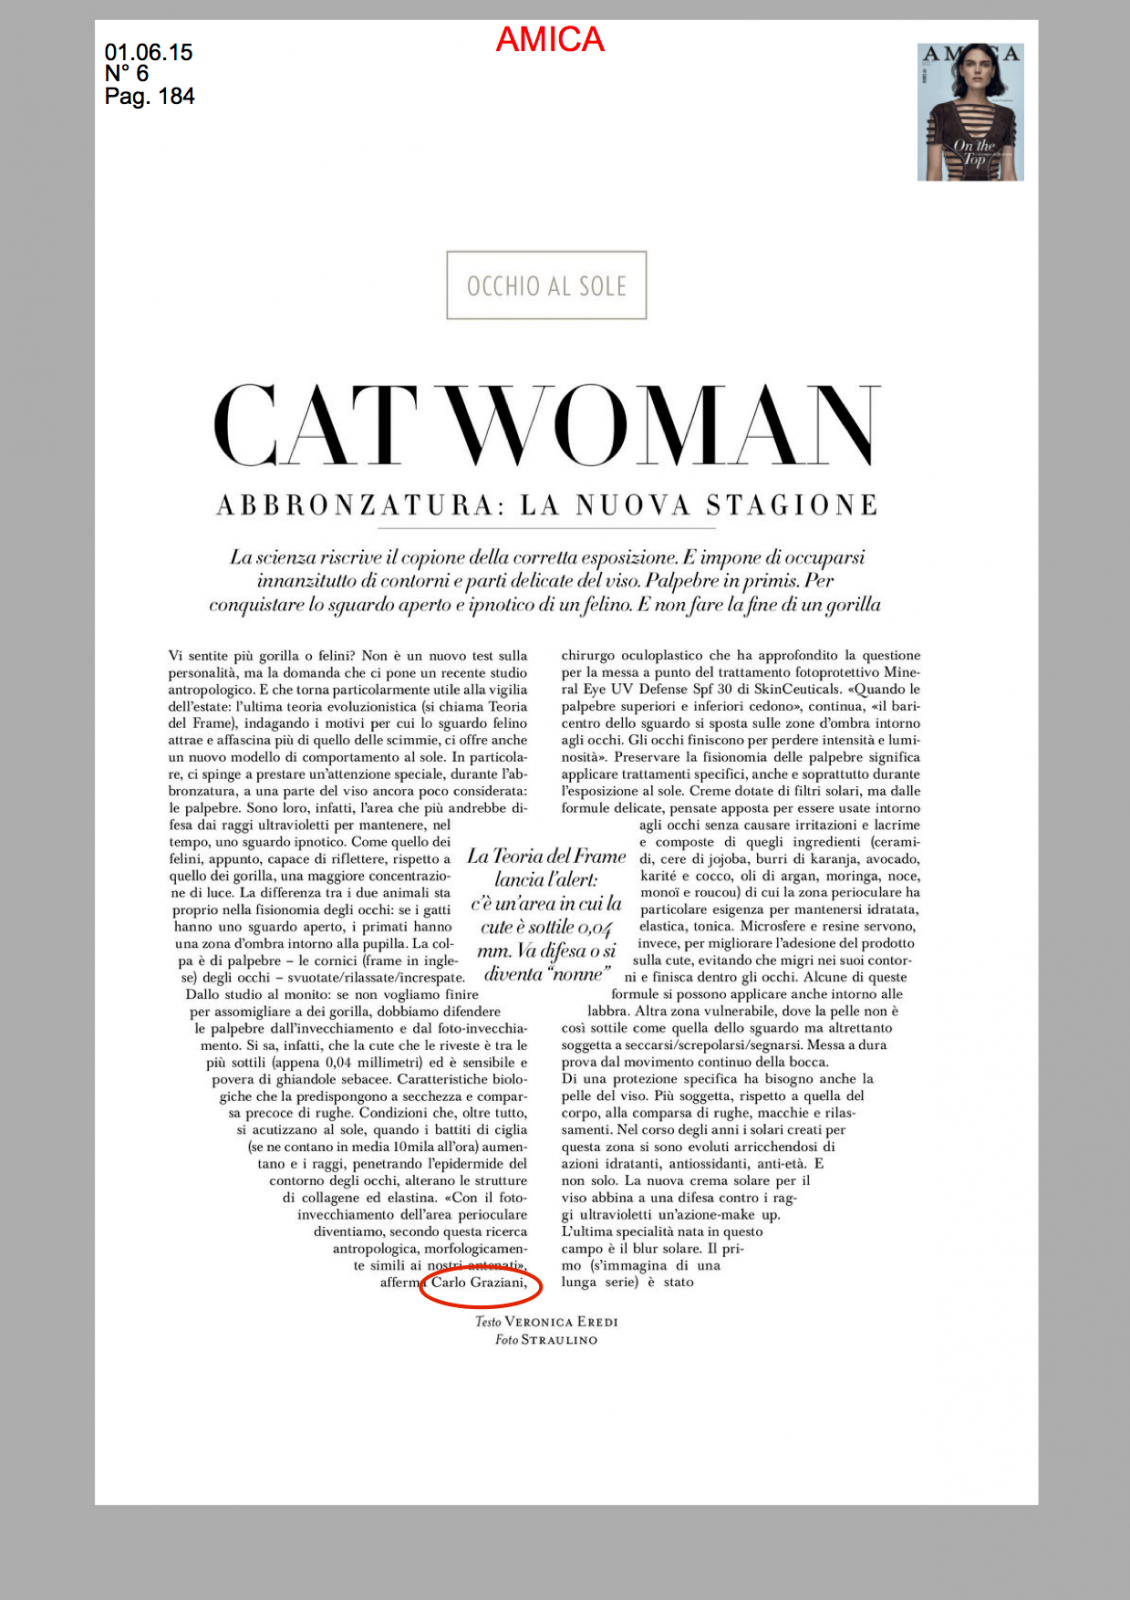 articolo del Dr Graziani per la rivista Amica sul frame concept